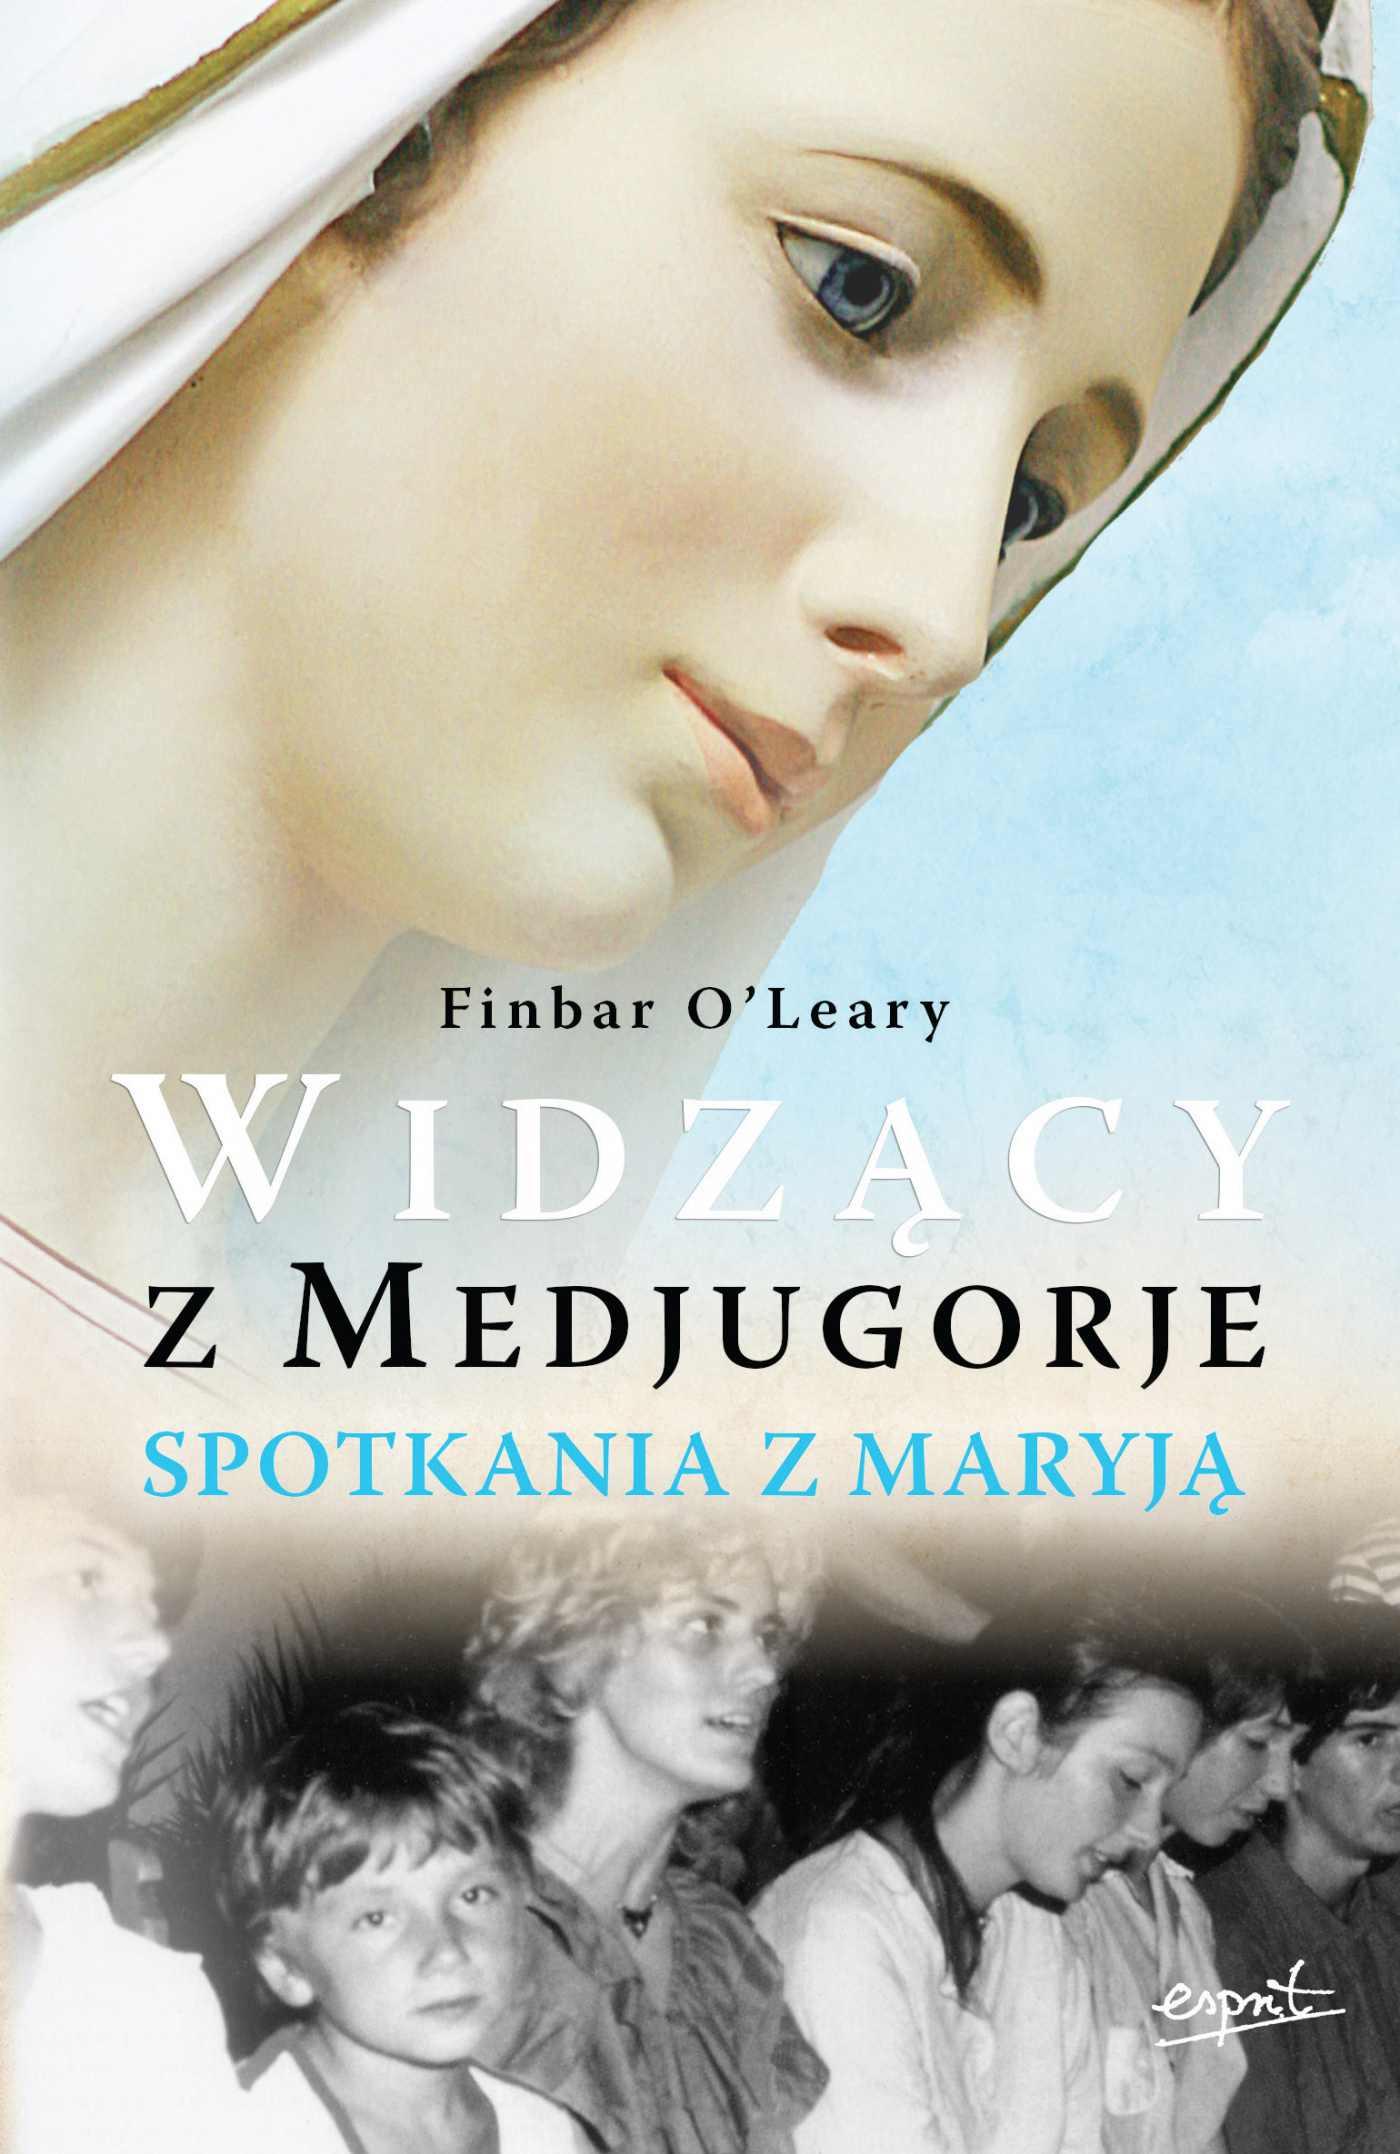 Widzący z Medjugorje - Ebook (Książka EPUB) do pobrania w formacie EPUB